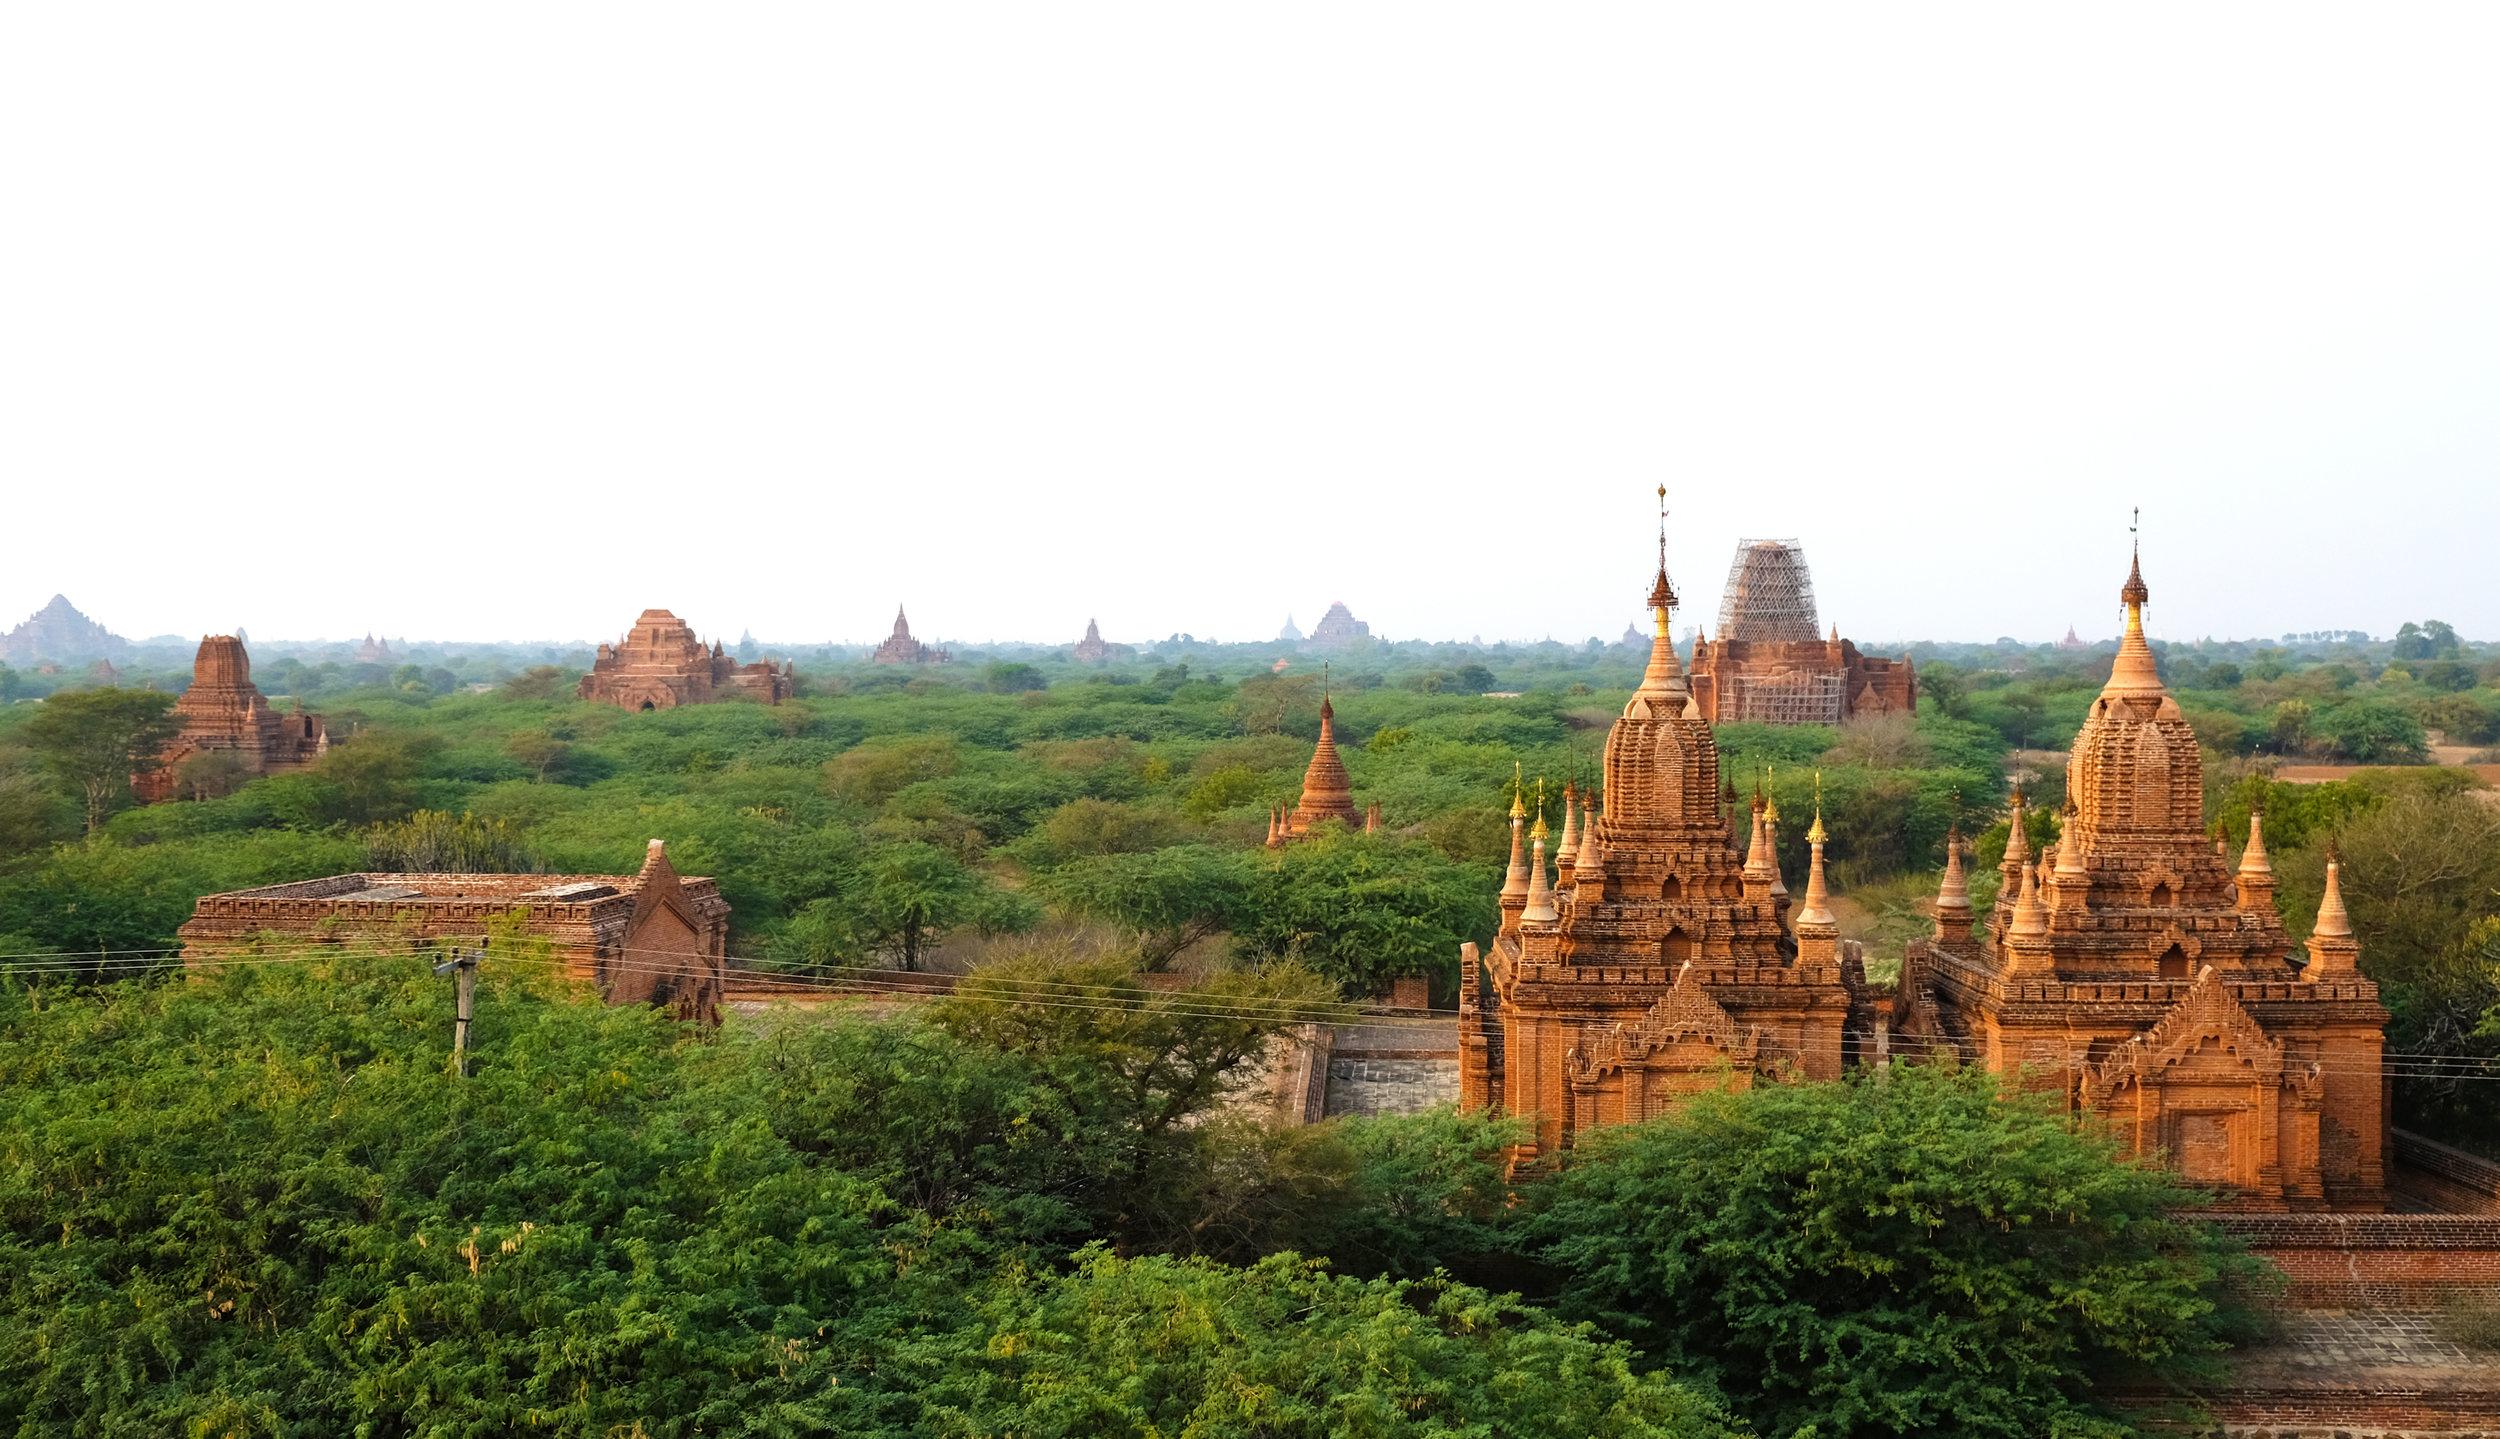 Bagan at sunset